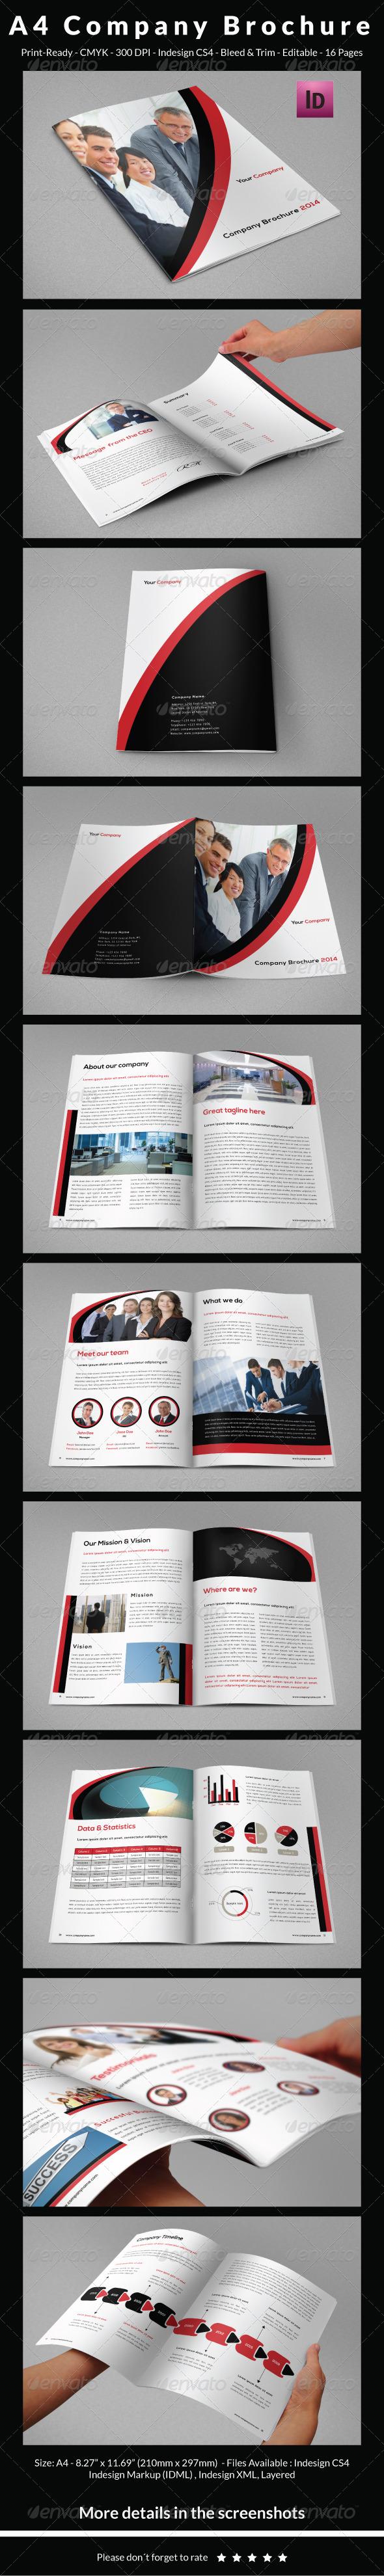 GraphicRiver A4 Company Brochure 6514071